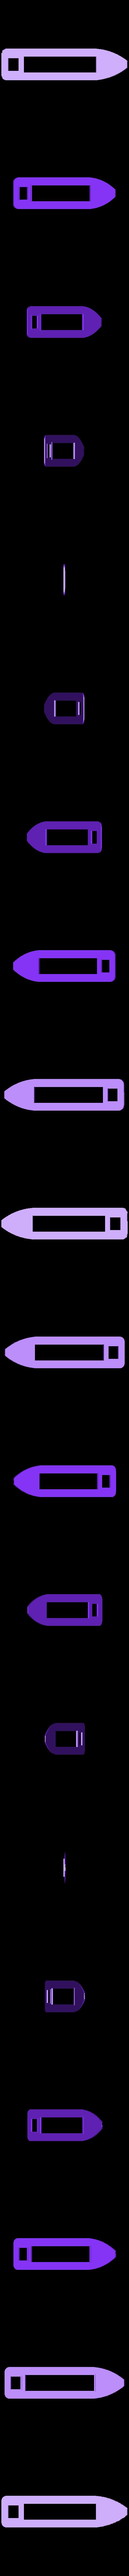 paluba.stl Download STL file MONAKO RC MODEL BOAT TUG • 3D printable template, maca-artwork